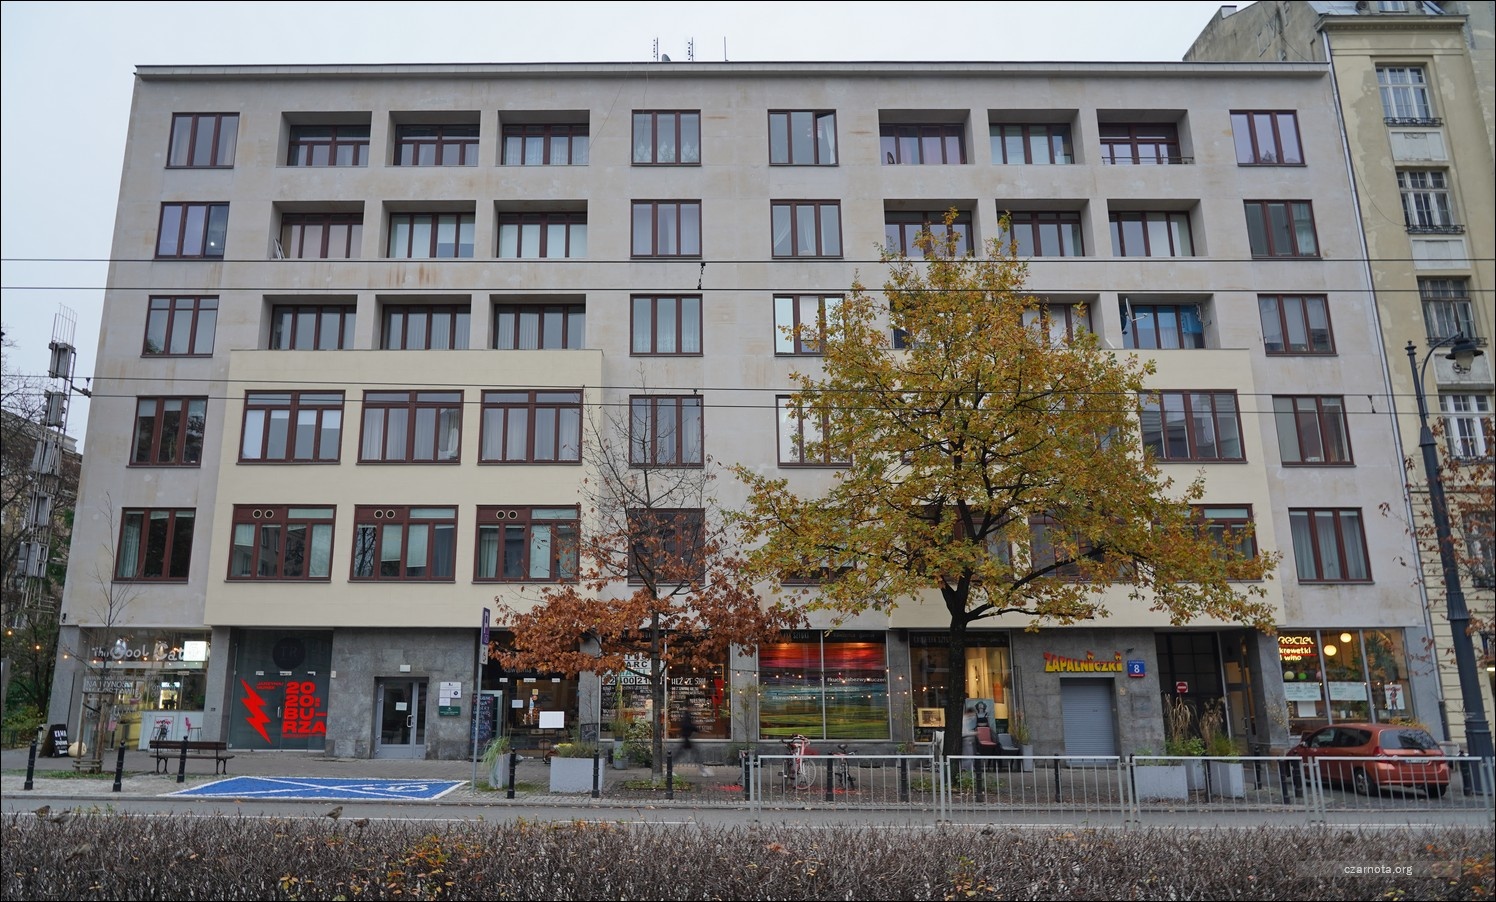 Warszawa, ul. Marszałkowska 8, kamienica Heleny Pal, w 2009 i 2020 roku